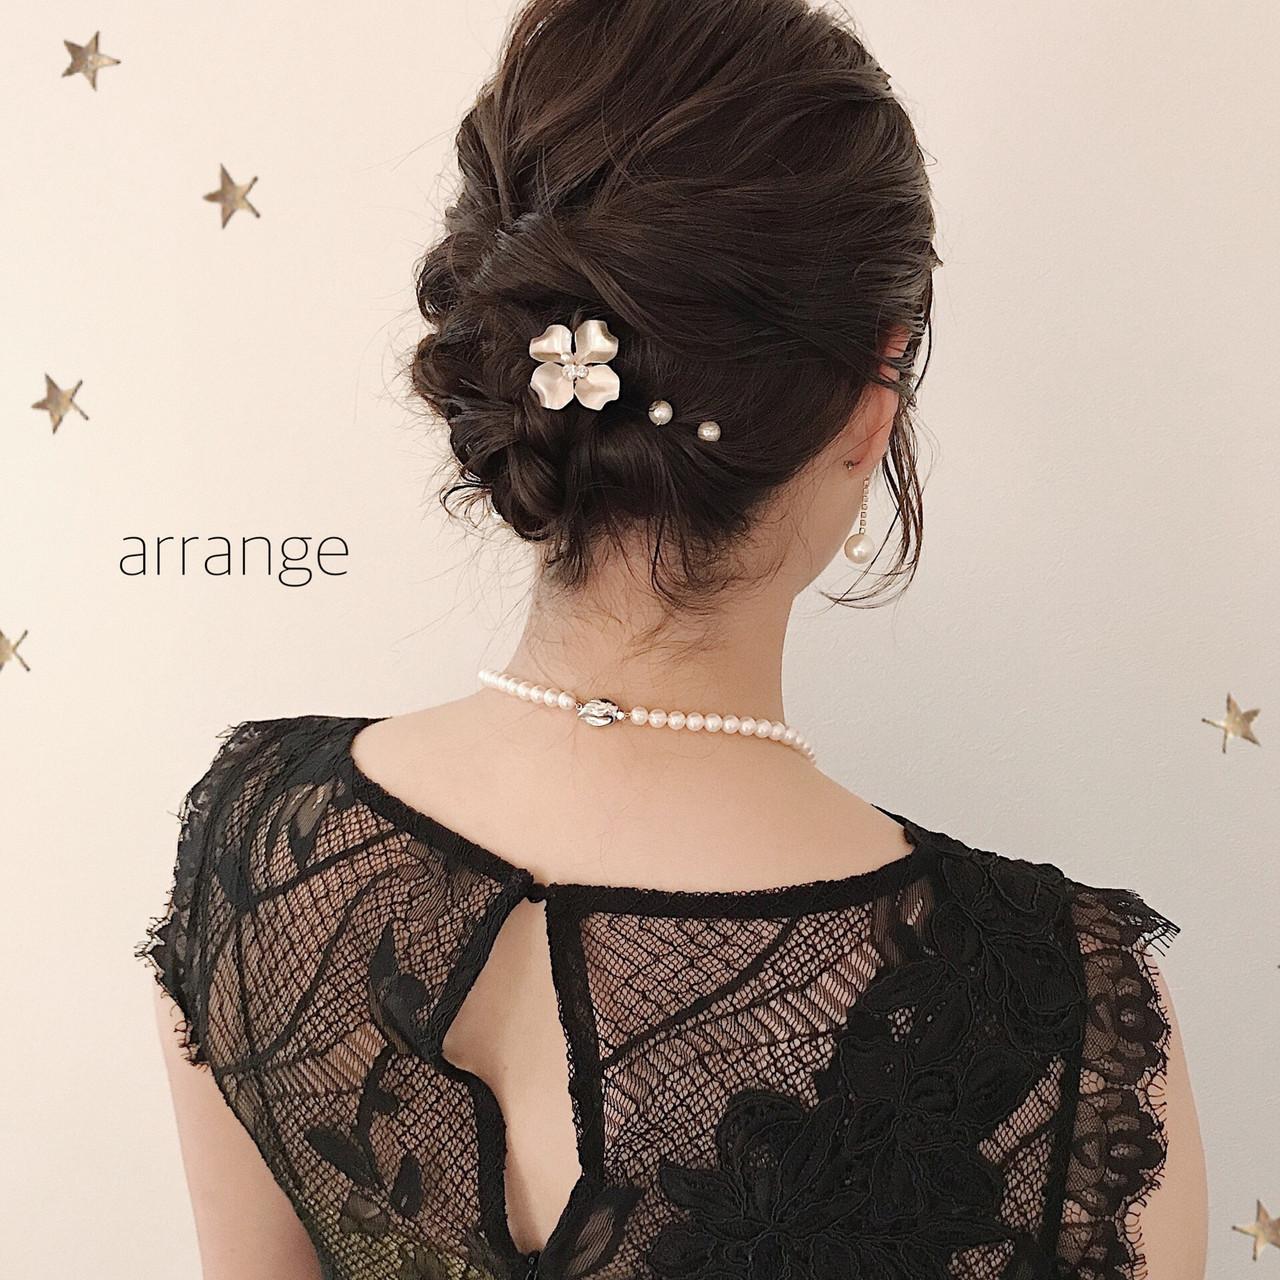 ナチュラル ヘアアレンジ ミディアム 結婚式ヘアアレンジ ヘアスタイルや髪型の写真・画像